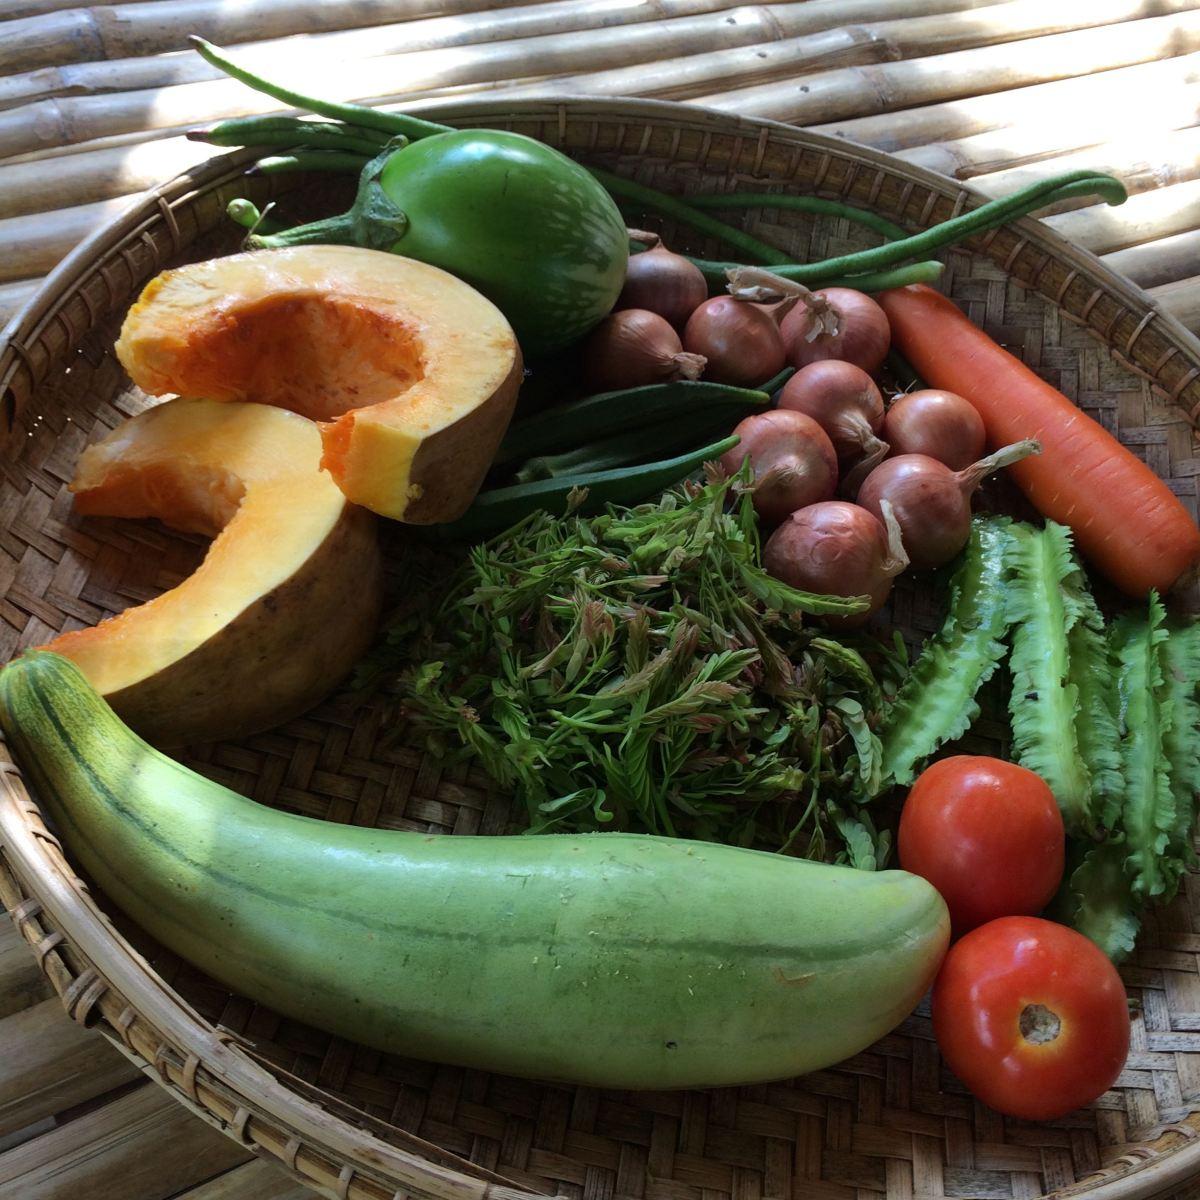 fresh vegetables in wood basket